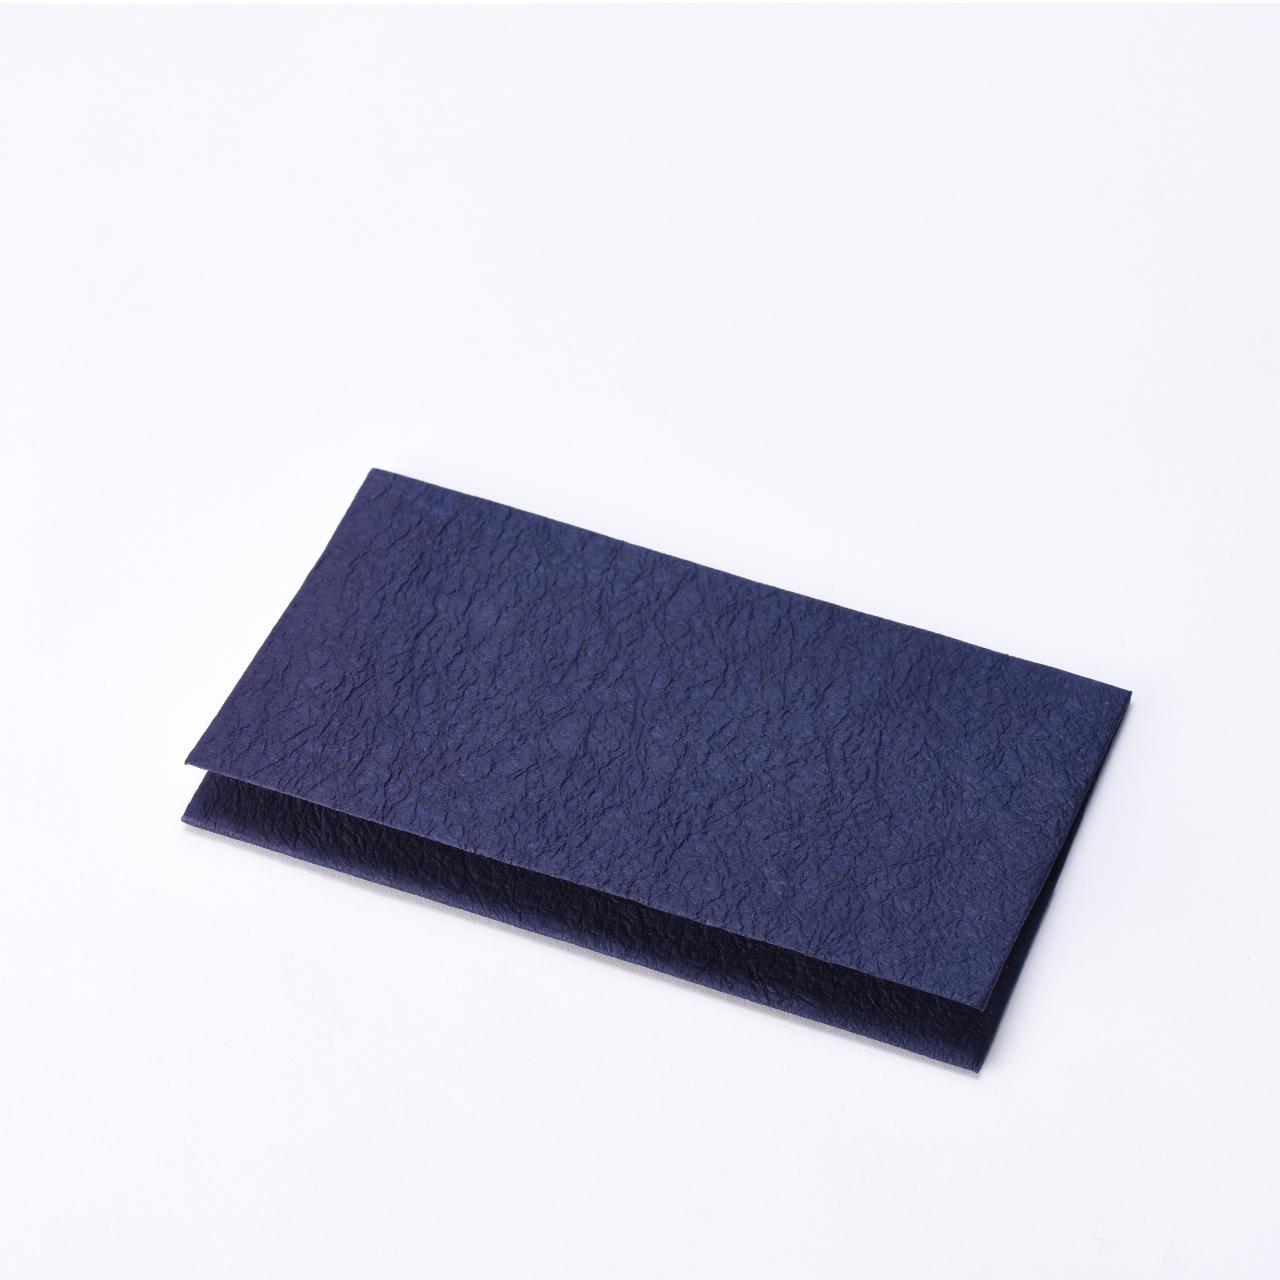 マスクケース(紺):抗菌撥水加工済み